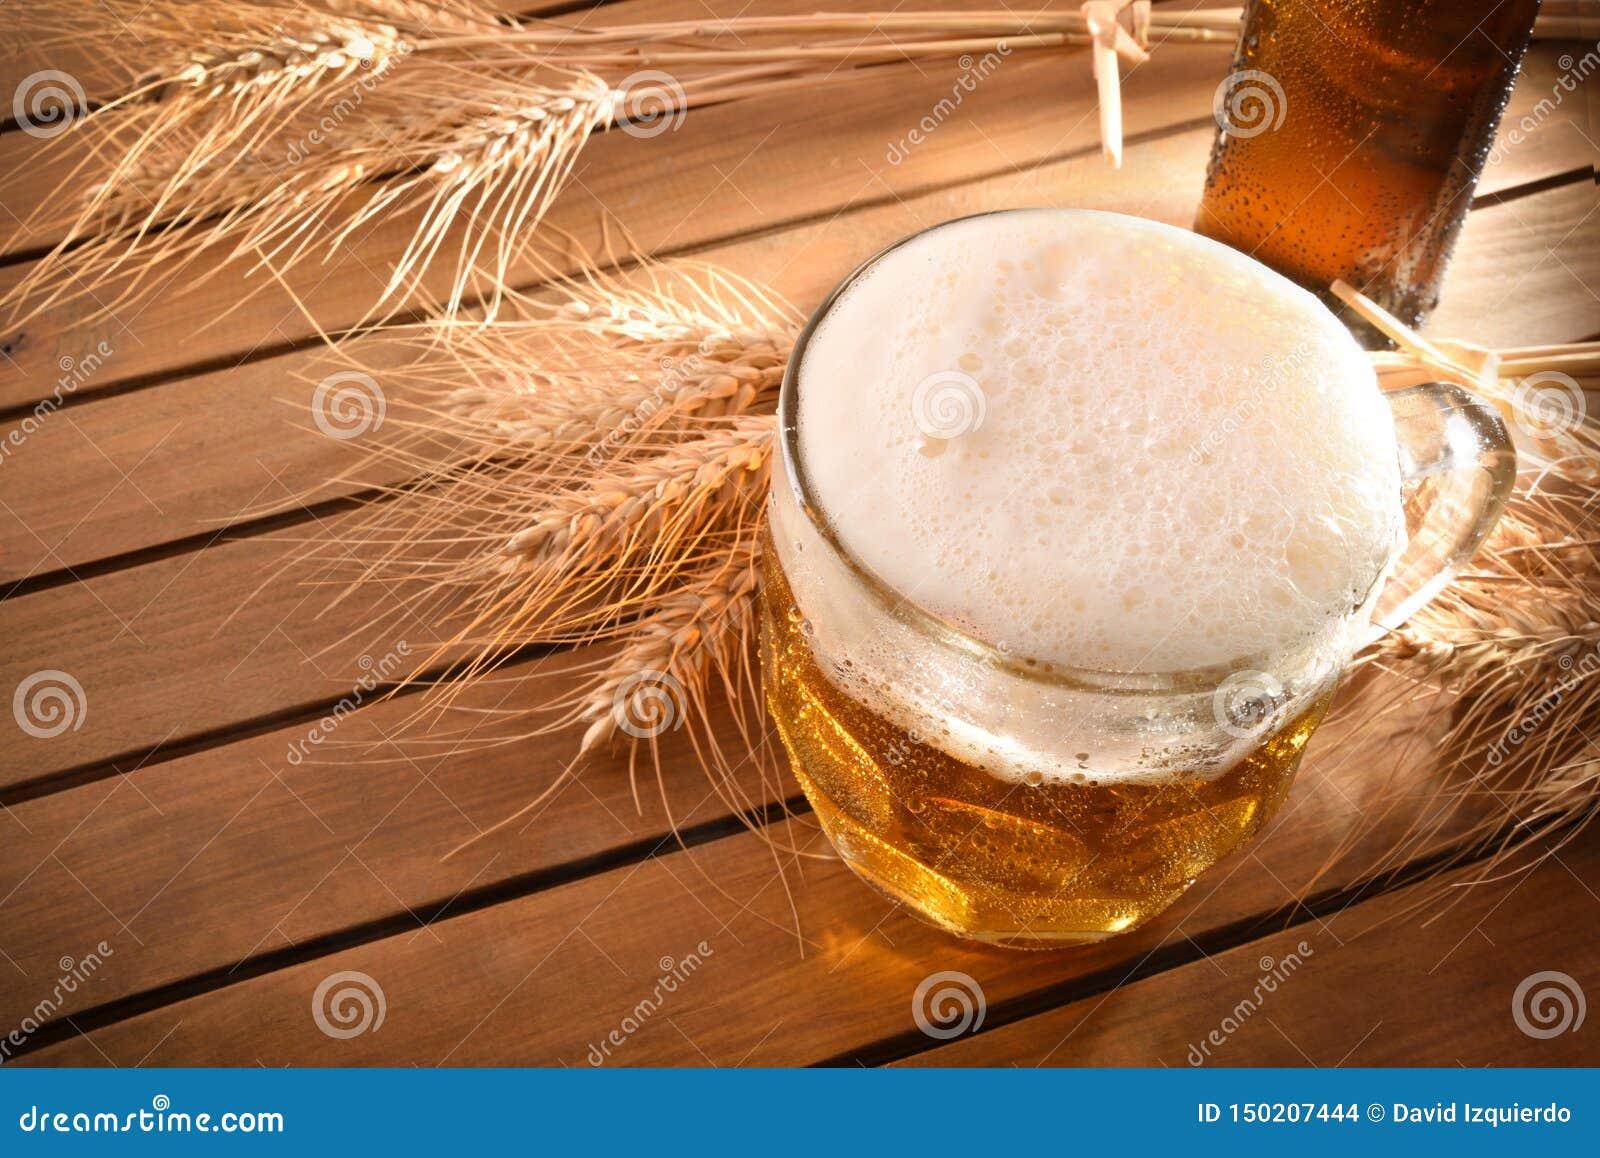 Pitcher voll Bier mit Schaum auf hölzerner Draufsicht